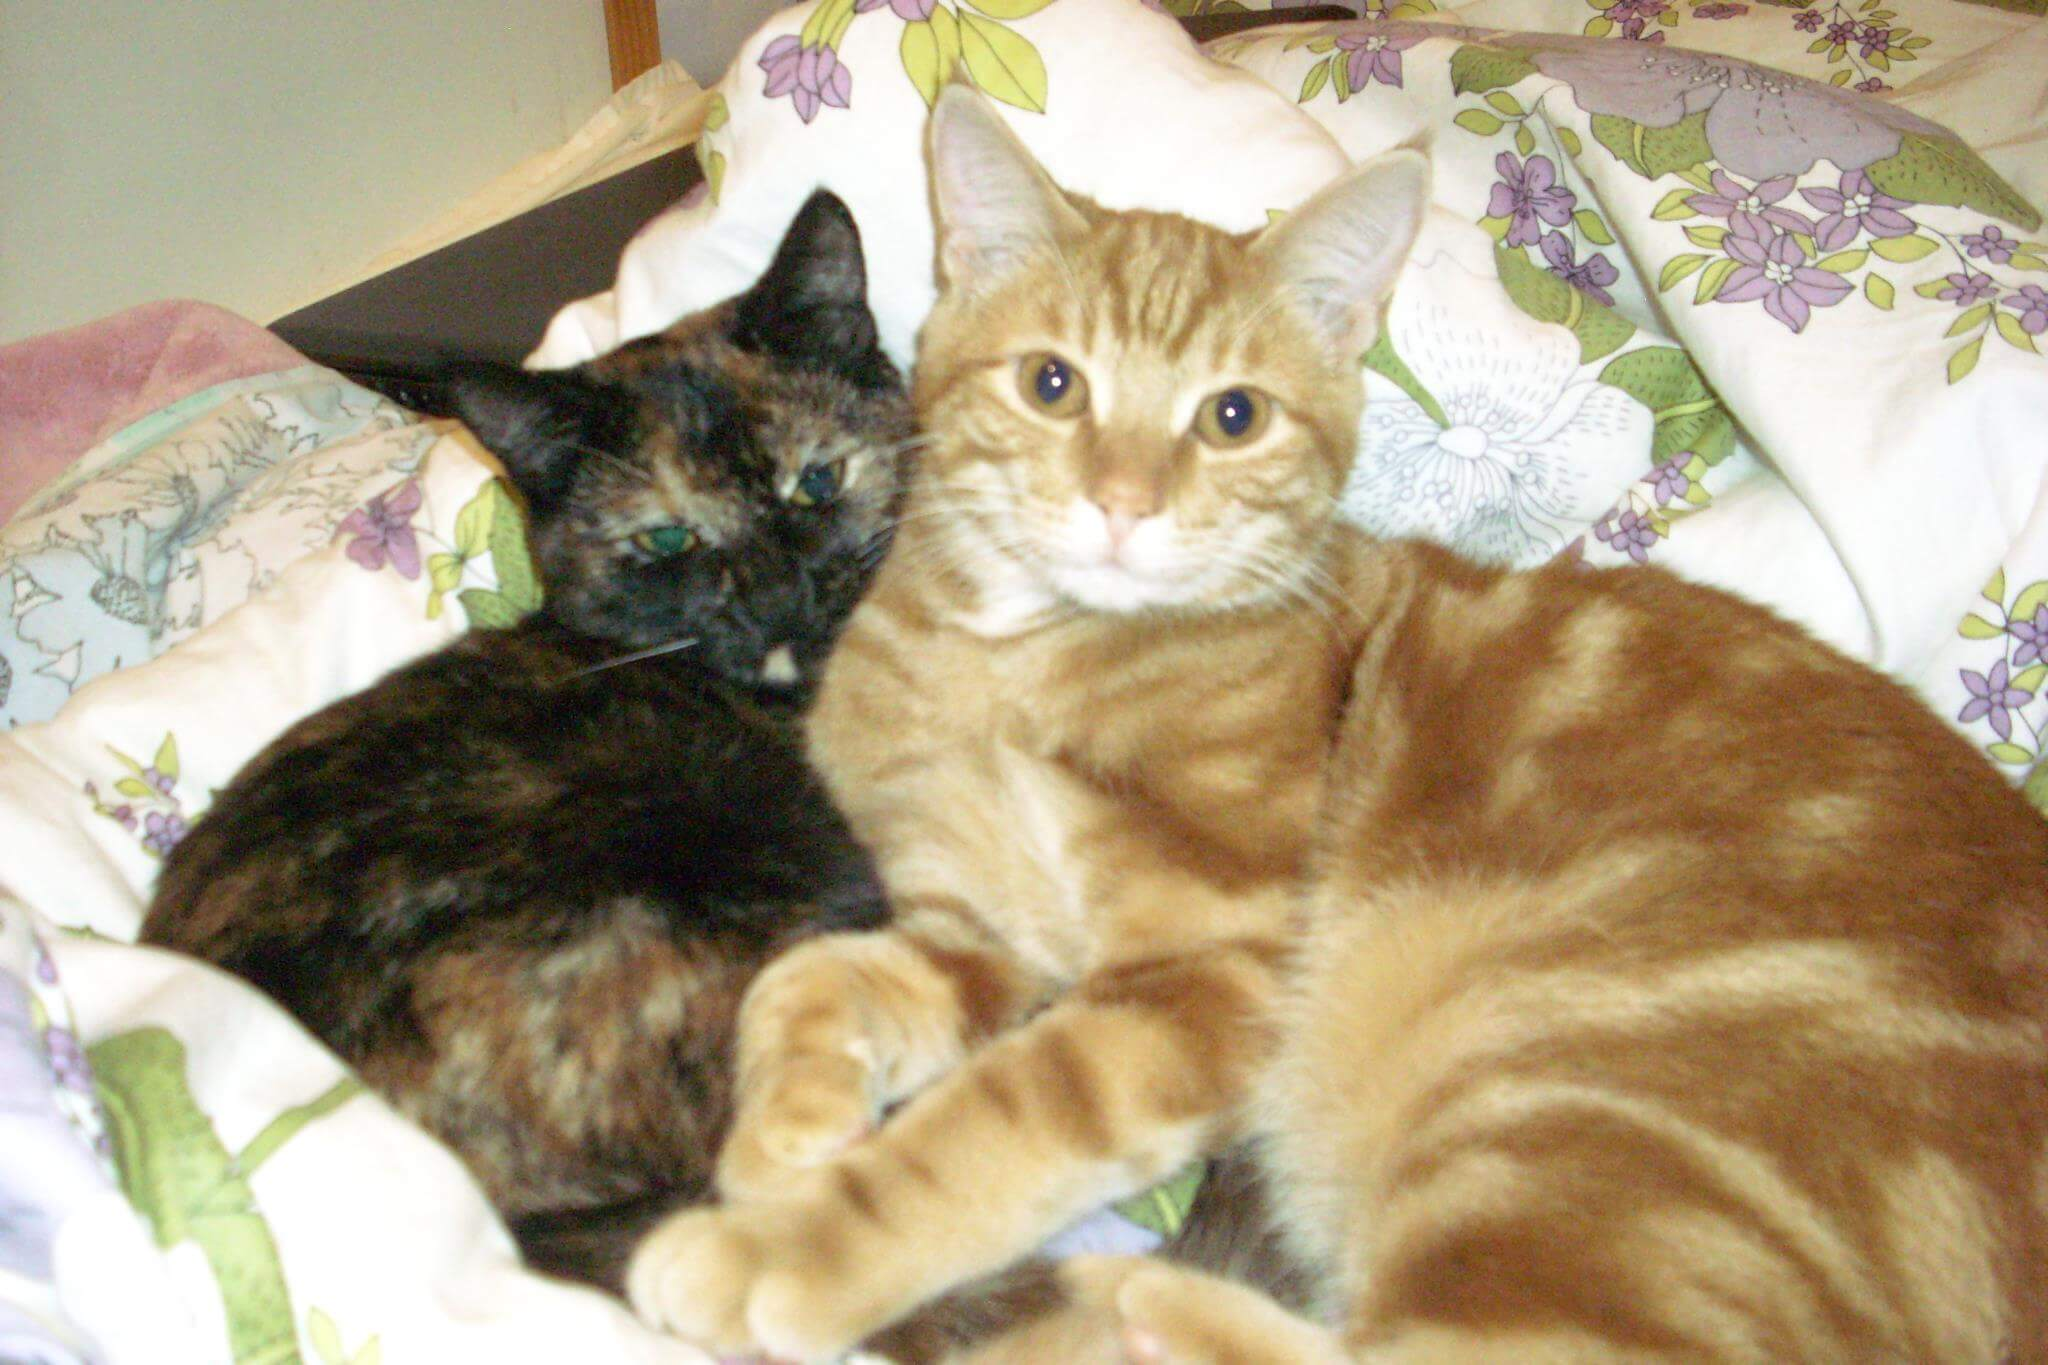 Zwei Katzen auf Kissen und Decken, die sich aneinander schmiegen